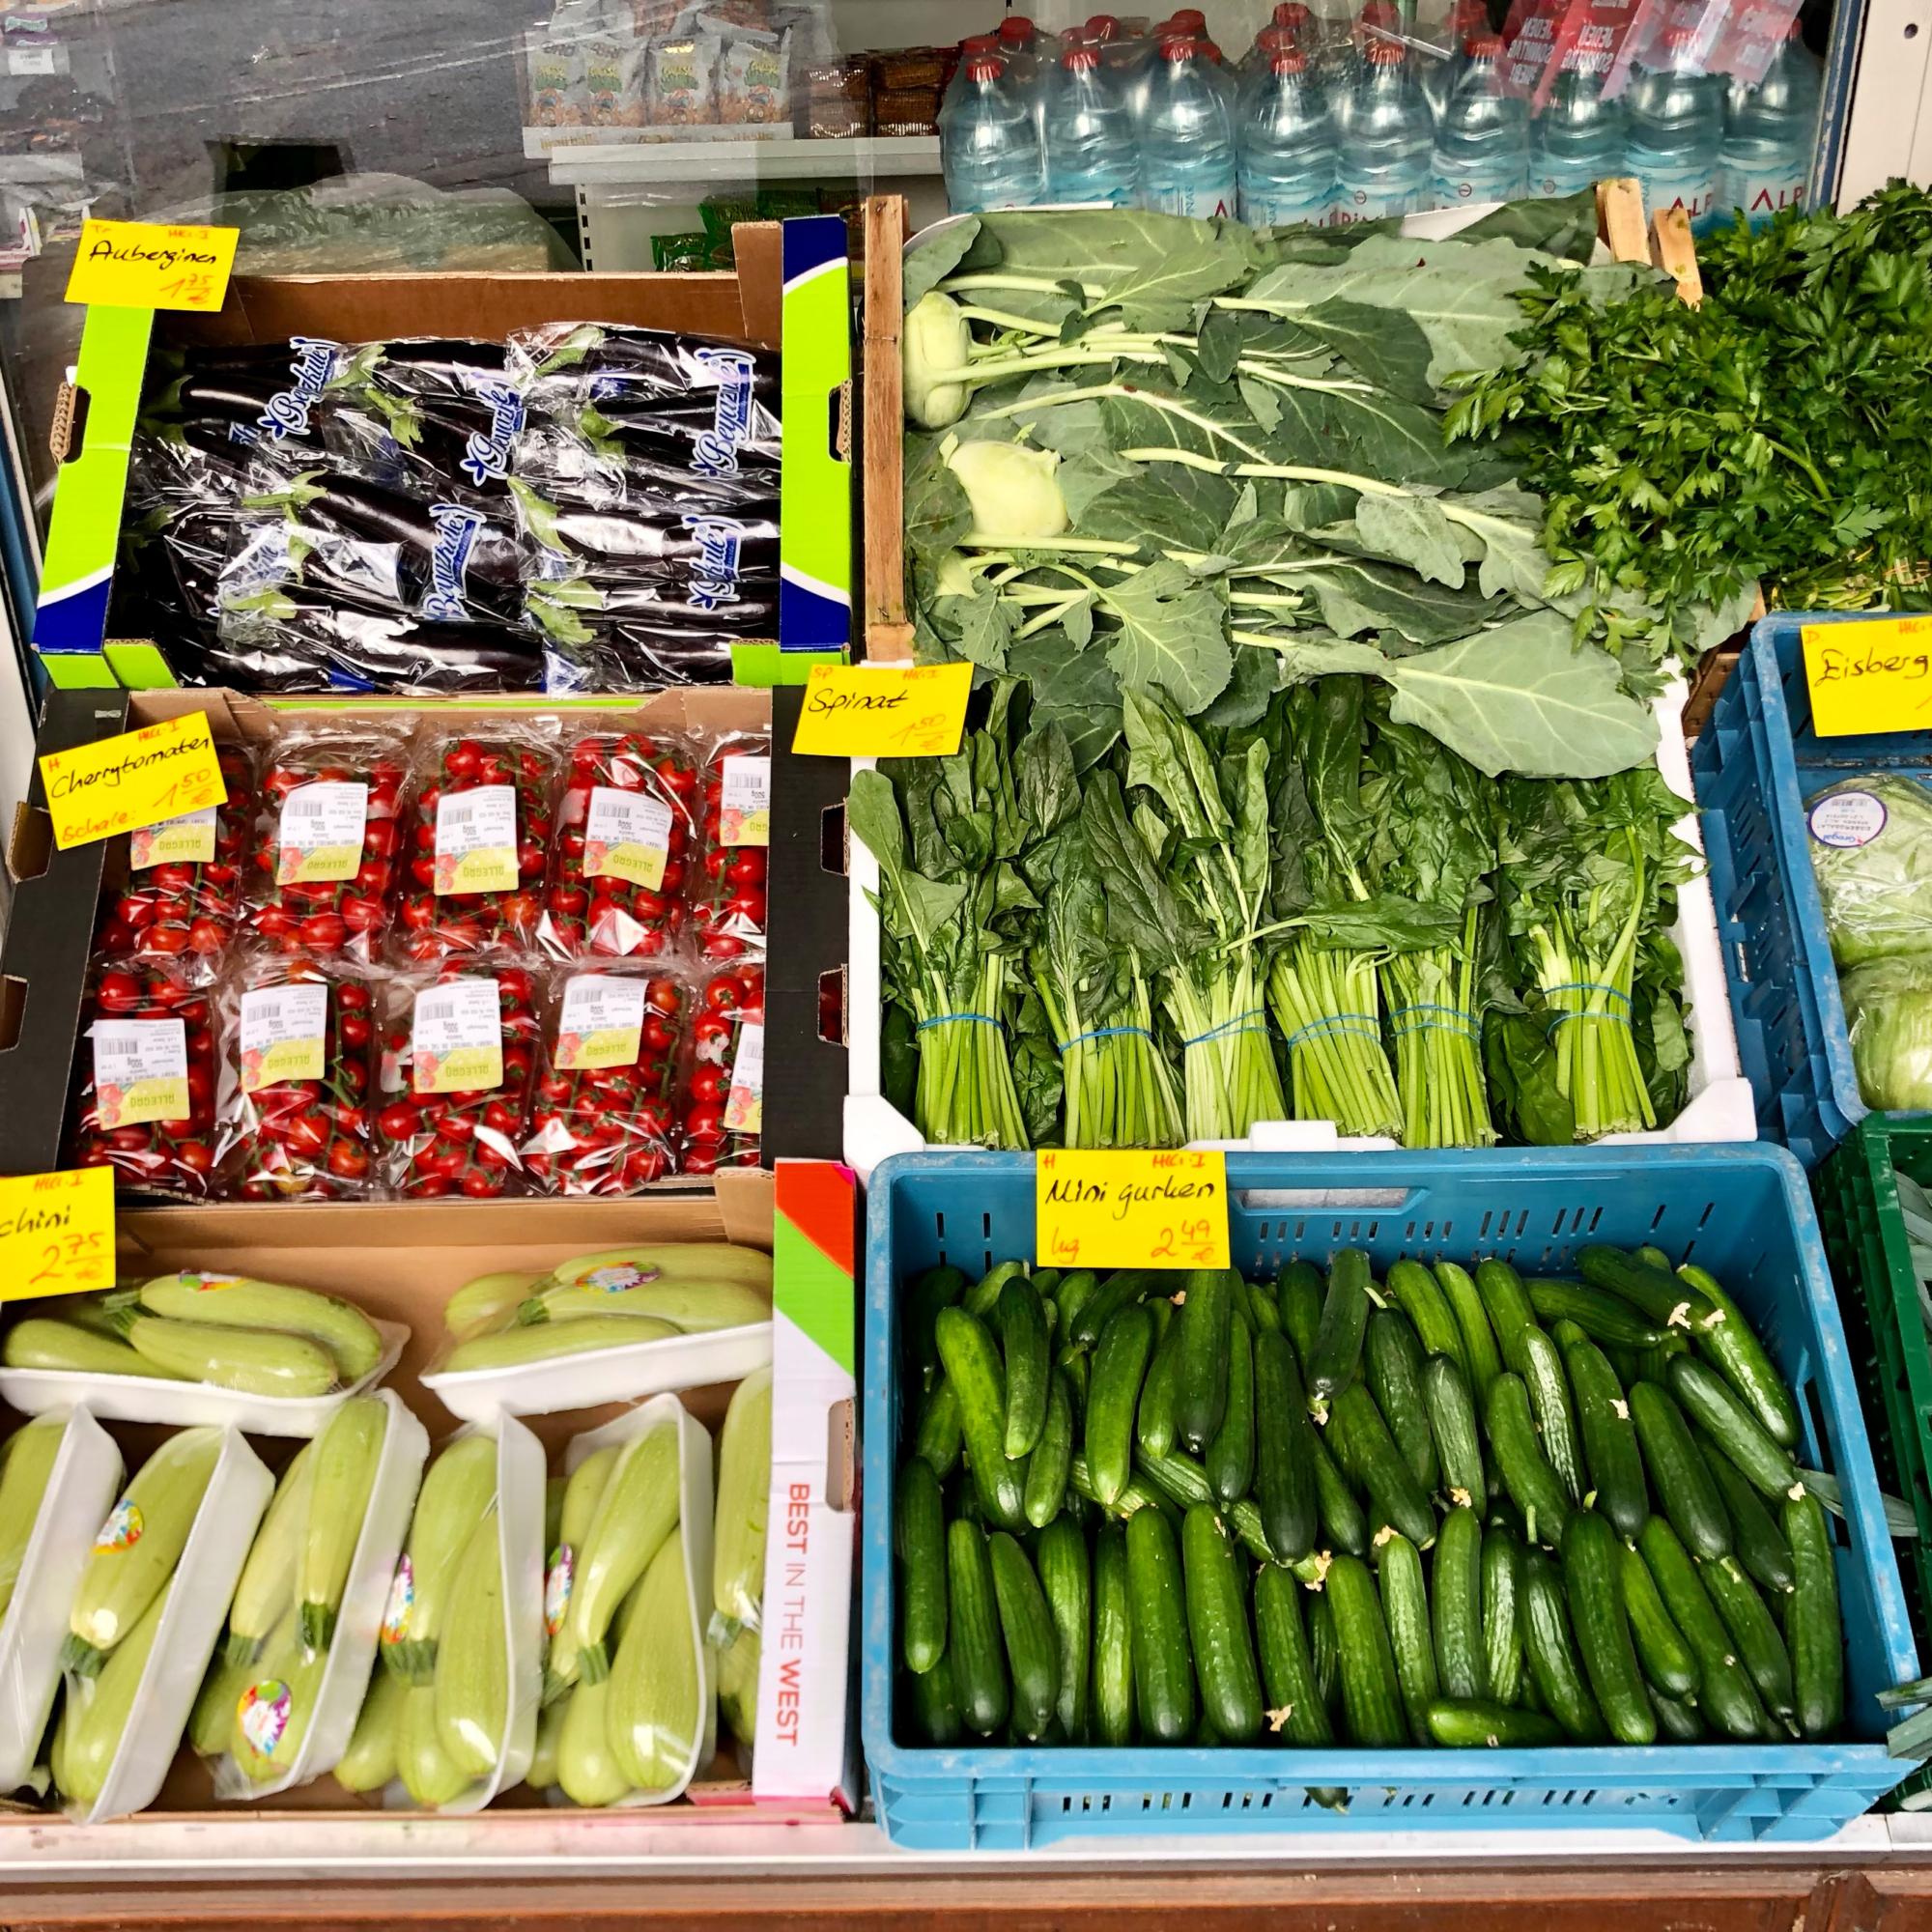 Mein-Wedel-elbkiosk-Frischemarkt-Obst-Gemuese-05